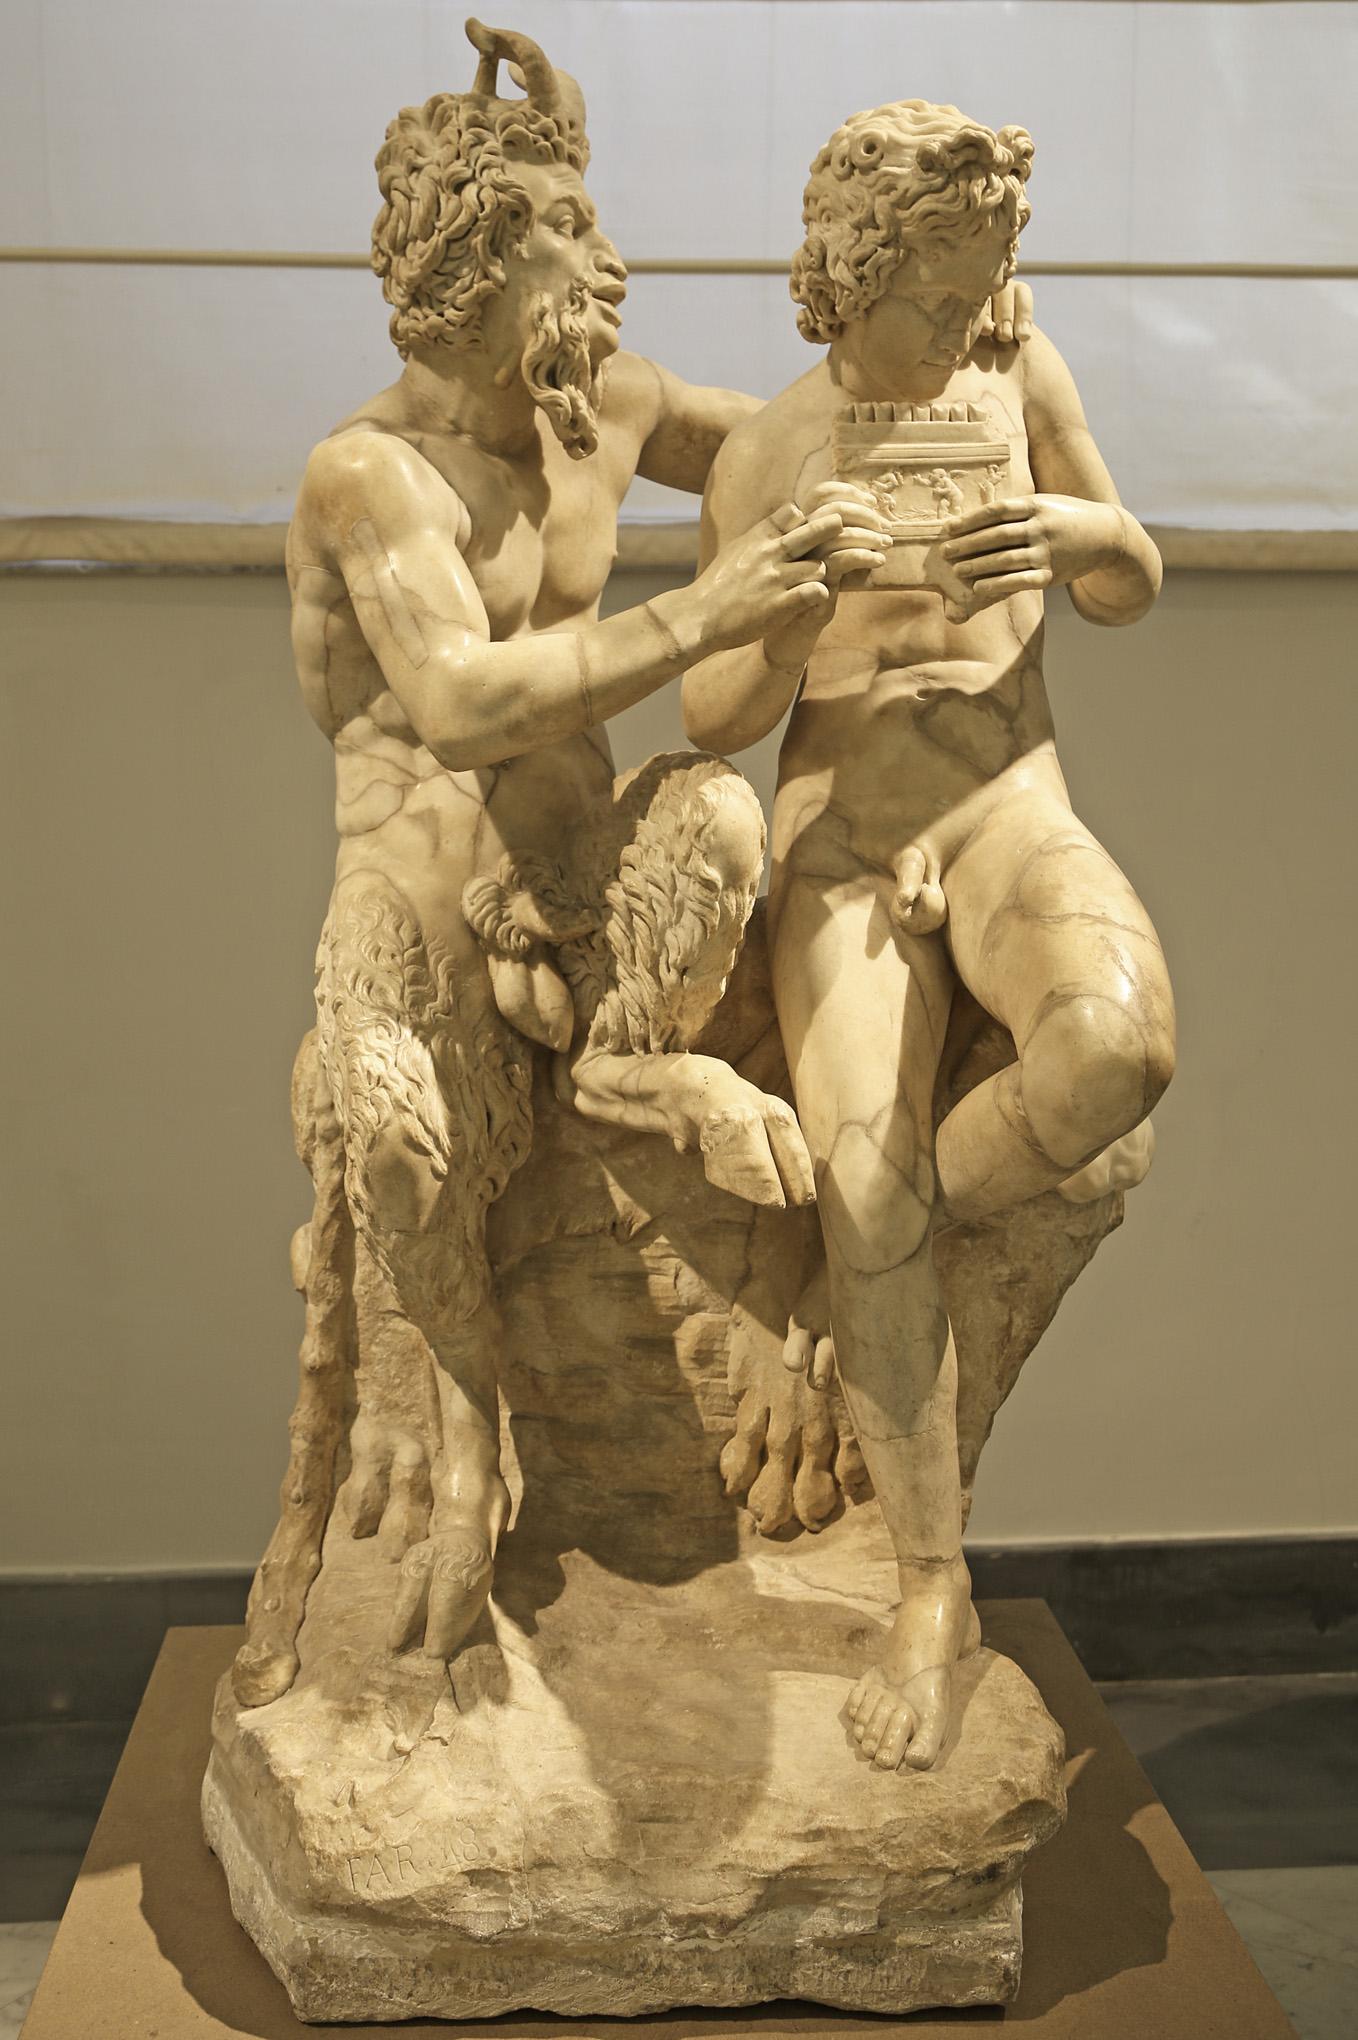 Museo Archeologico Nazionale.Museo Archeologico Nazionale Di Napoli Jearld Moldenhauer